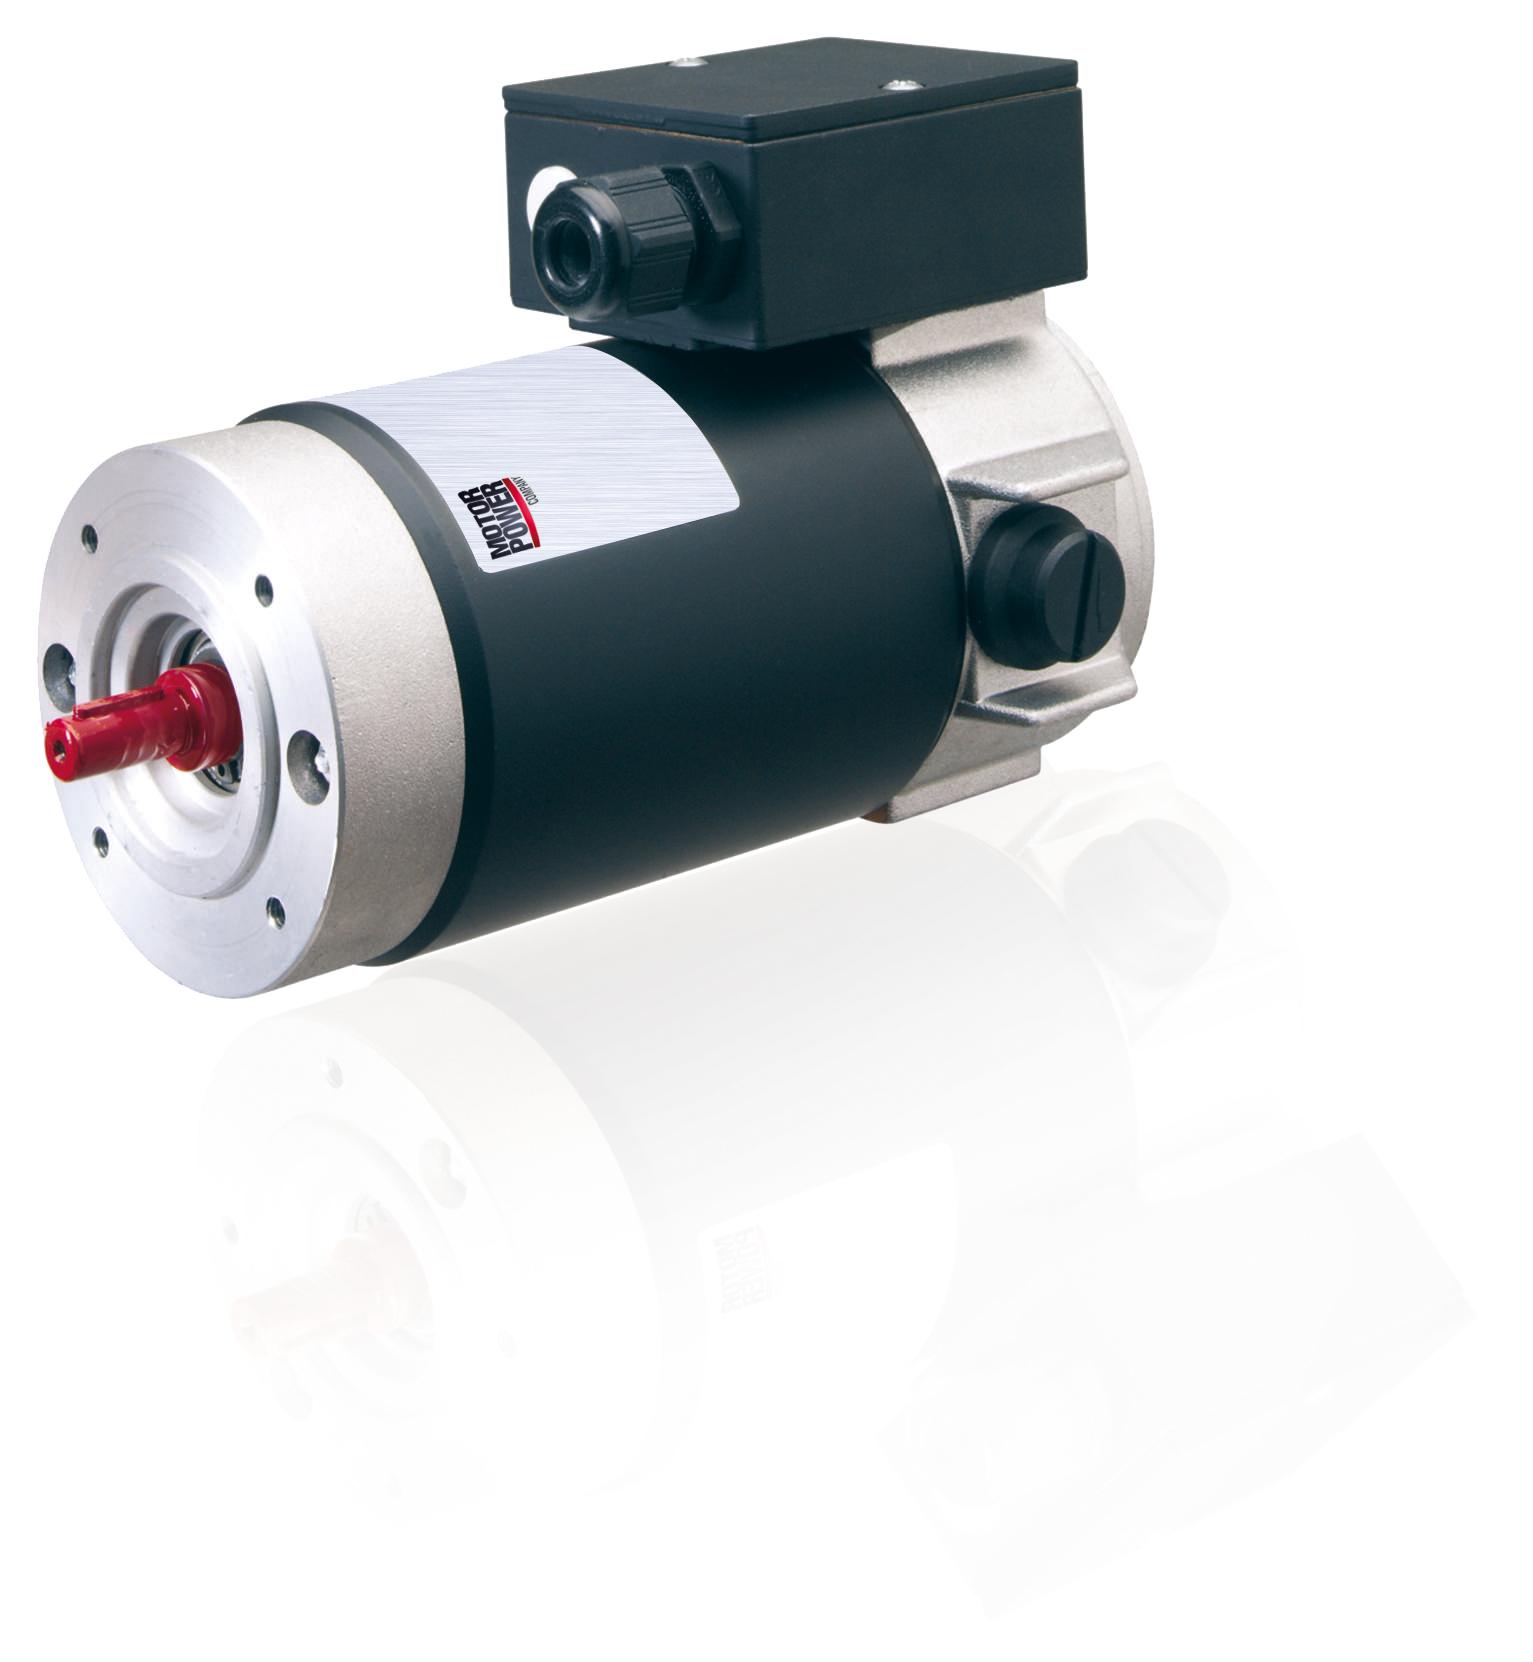 Motor Power PENTA 5M30 直流电机有刷